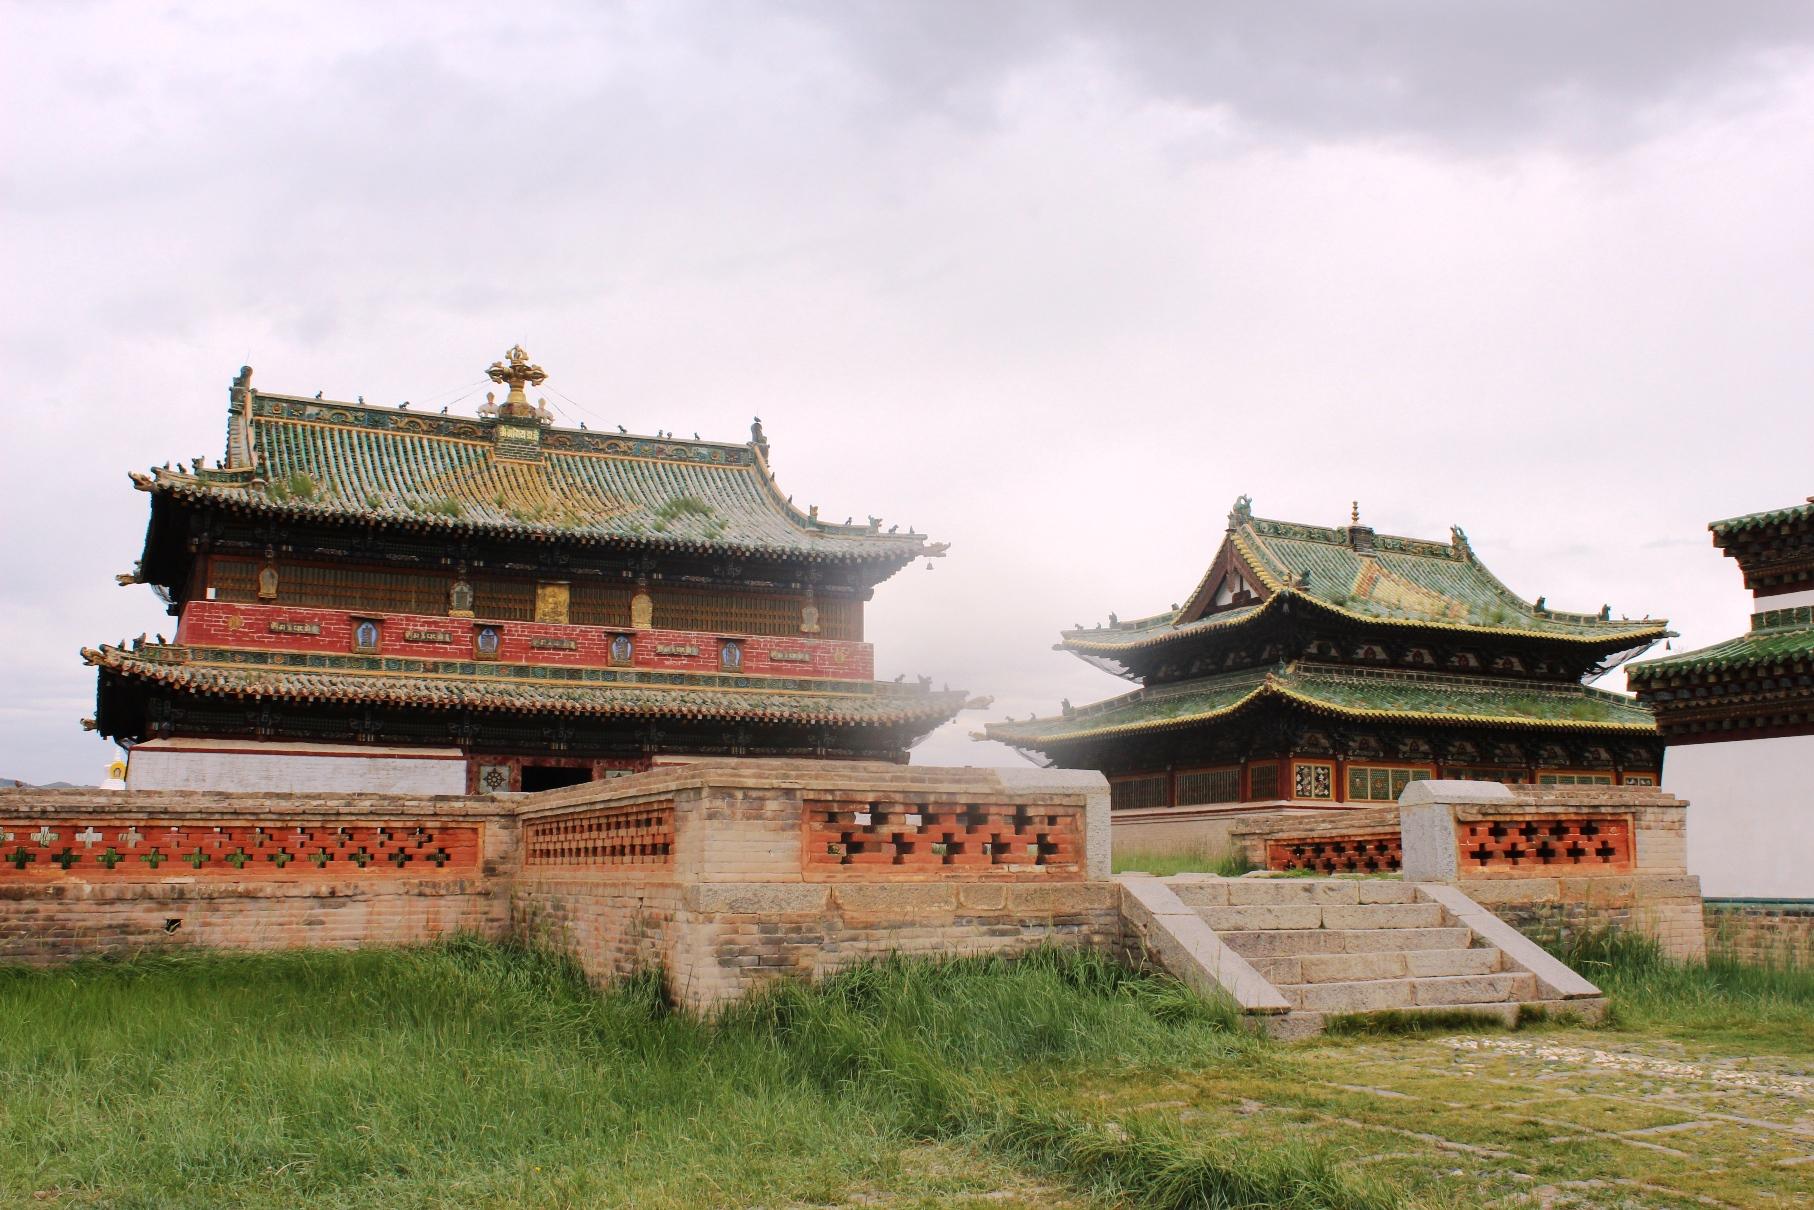 モンゴル最古の寺院エルデニ・ゾーを見学